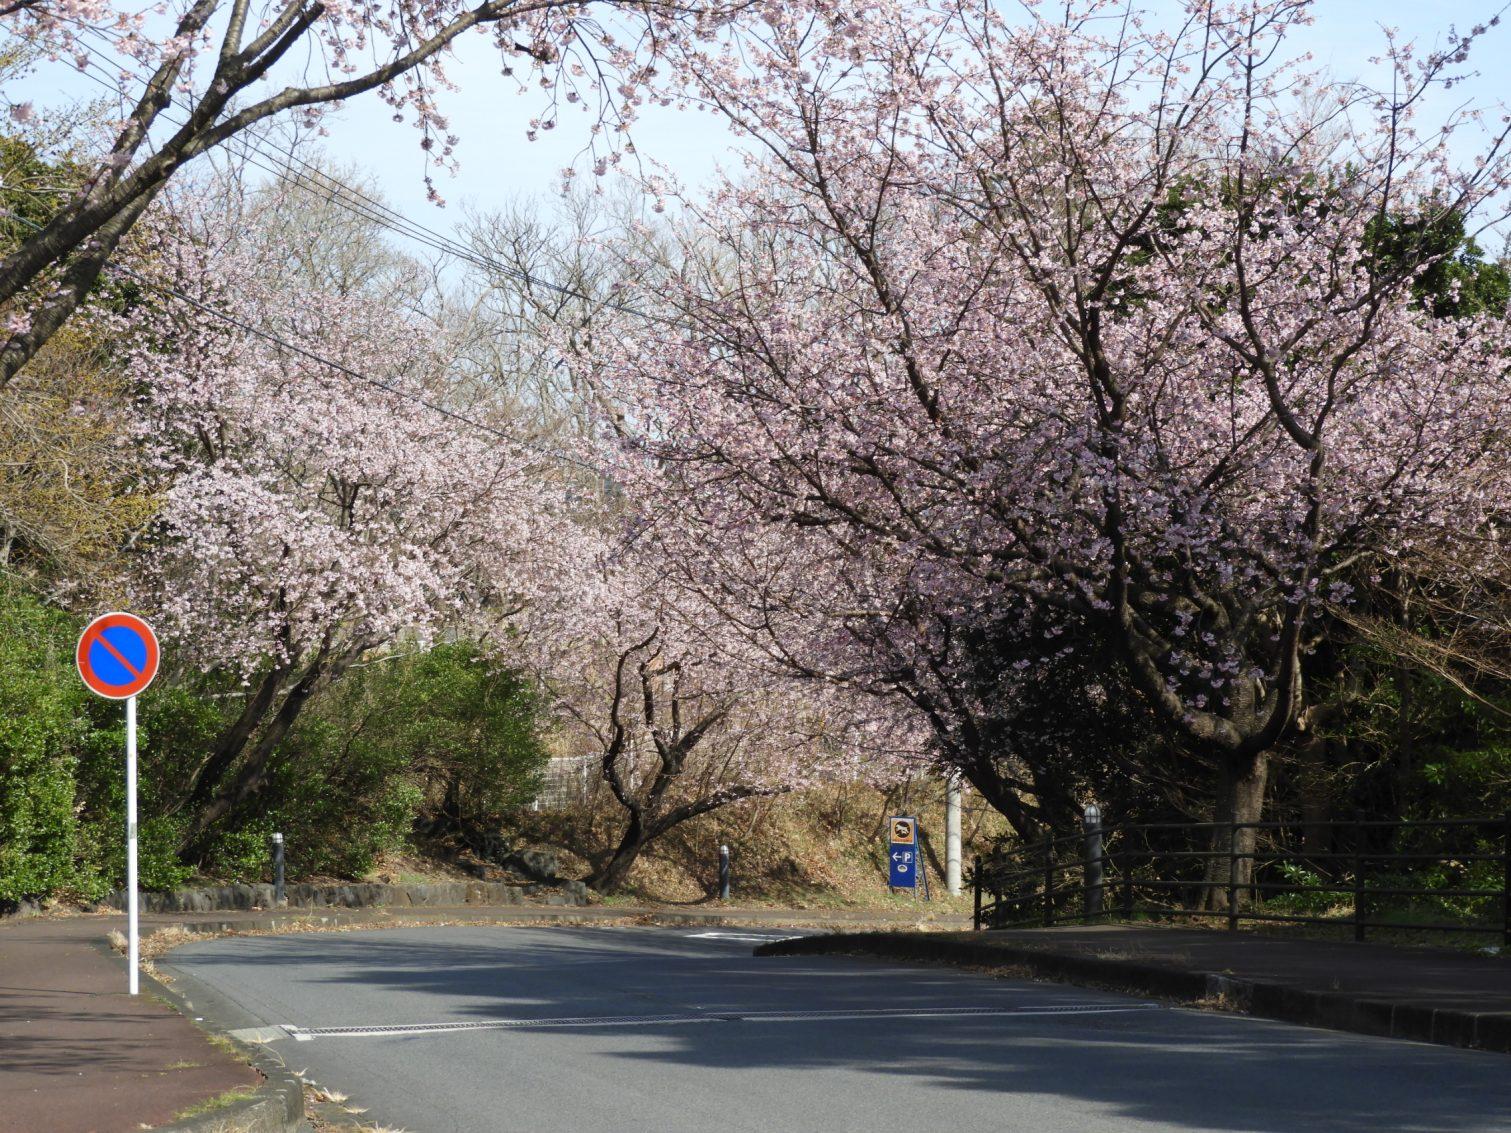 伊豆高原駅前の大寒桜2021年2月23日